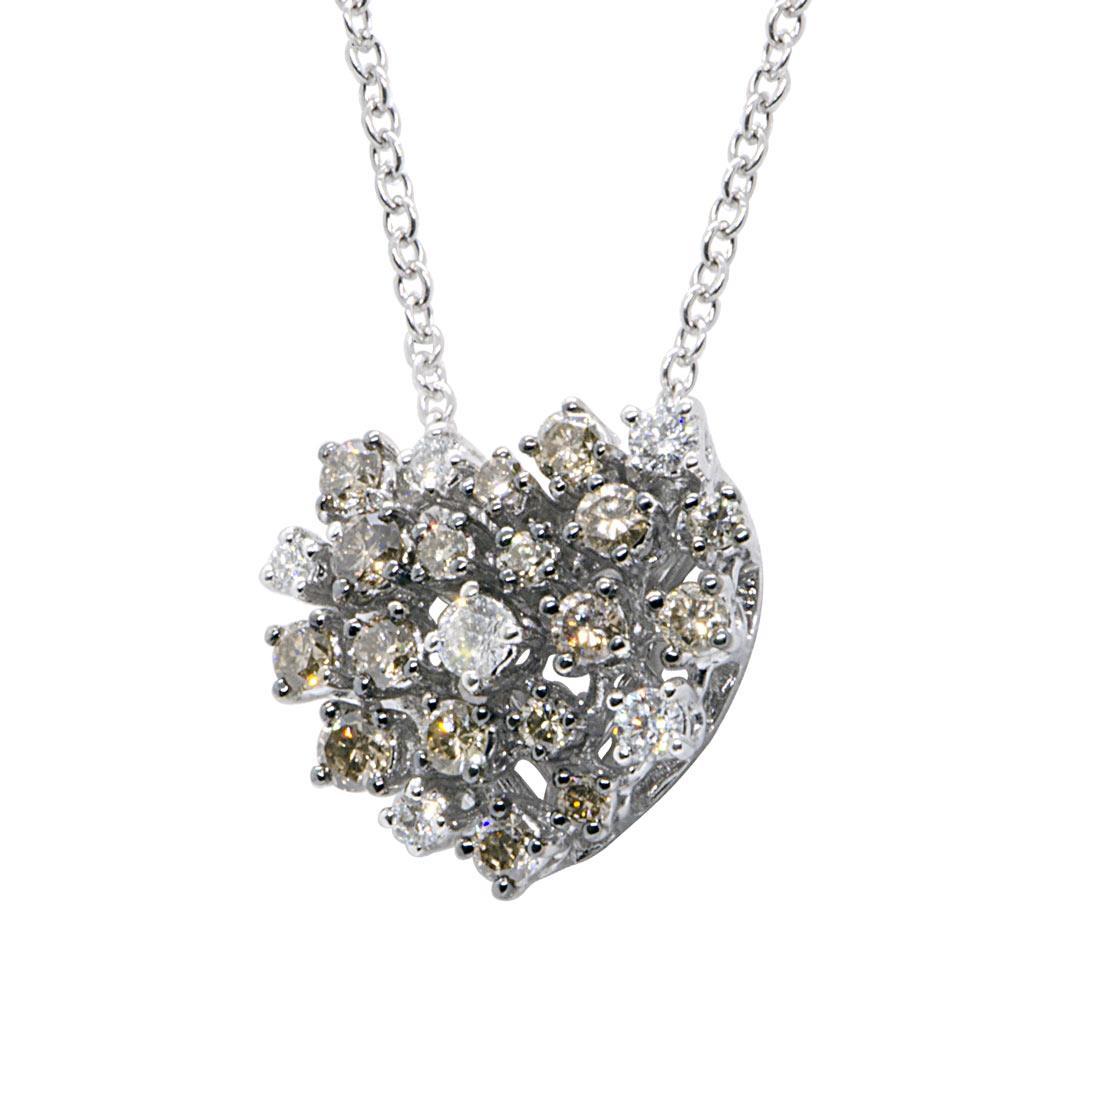 Collana Alfieri & St john e diamanti ct 0,70 - ALFIERI ST JOHN